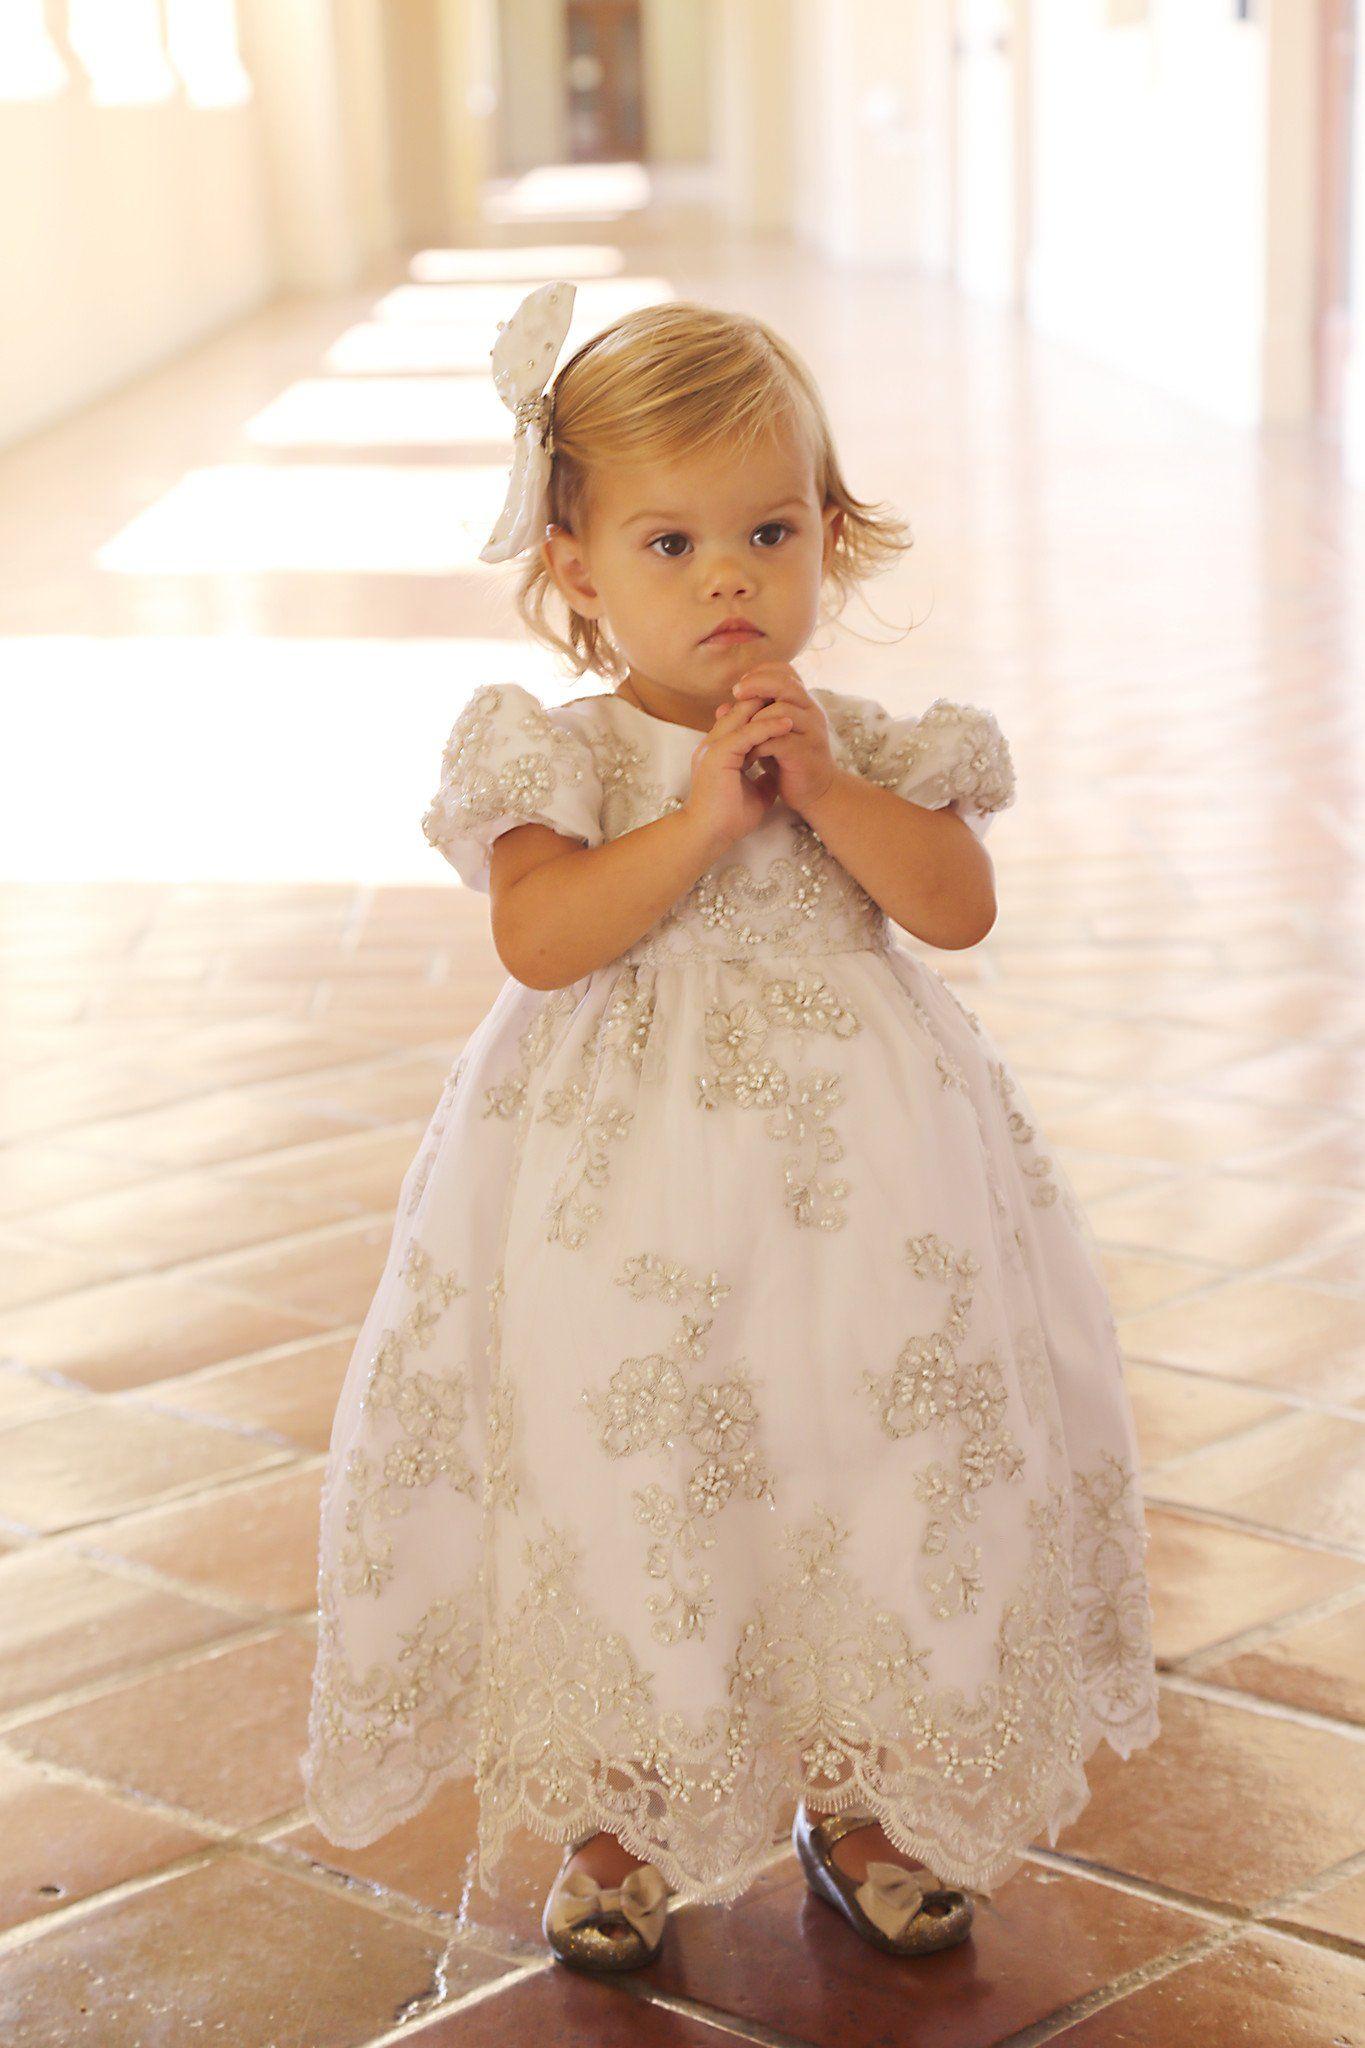 Christening lace dressbaby girl baptismdressflower girl